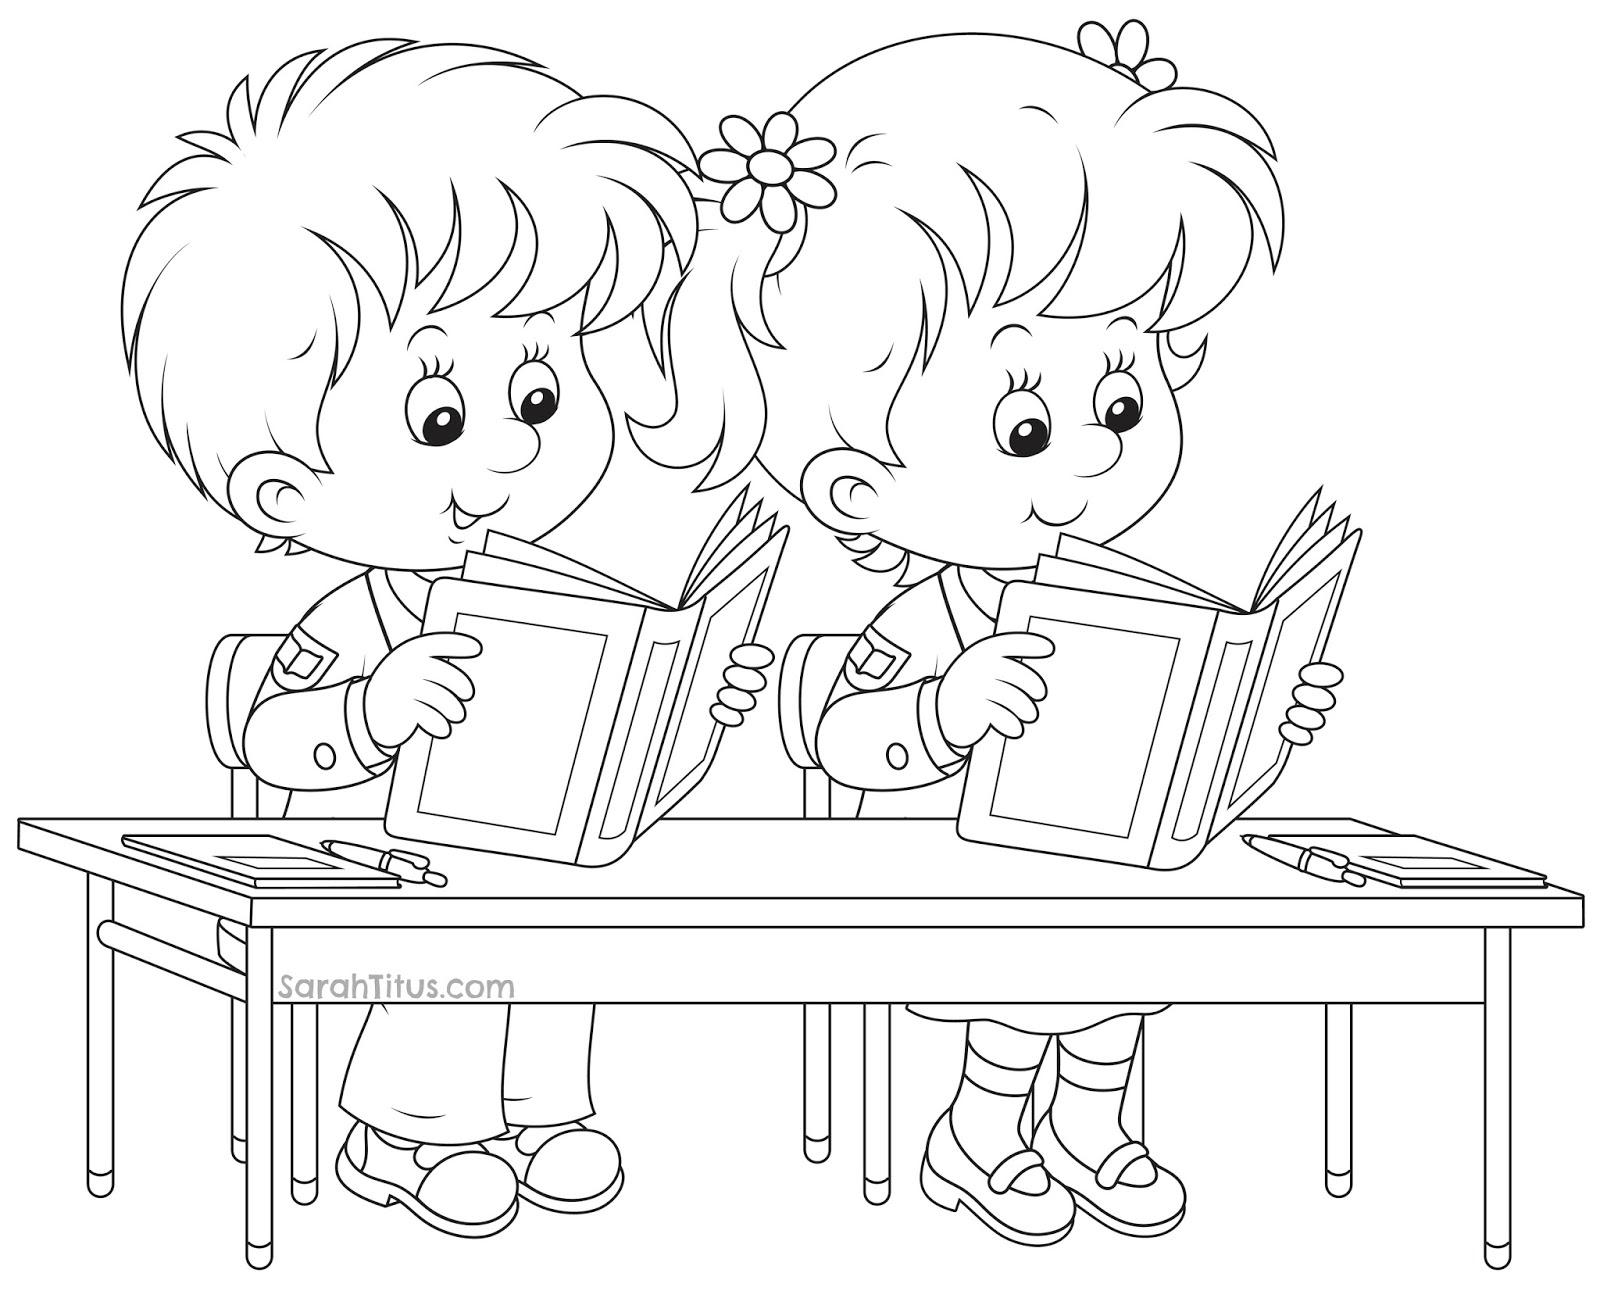 gambar untuk belajar mewarnai gambar anak belajar di sekolah mewarnai gambar sekolah minggu bonikids